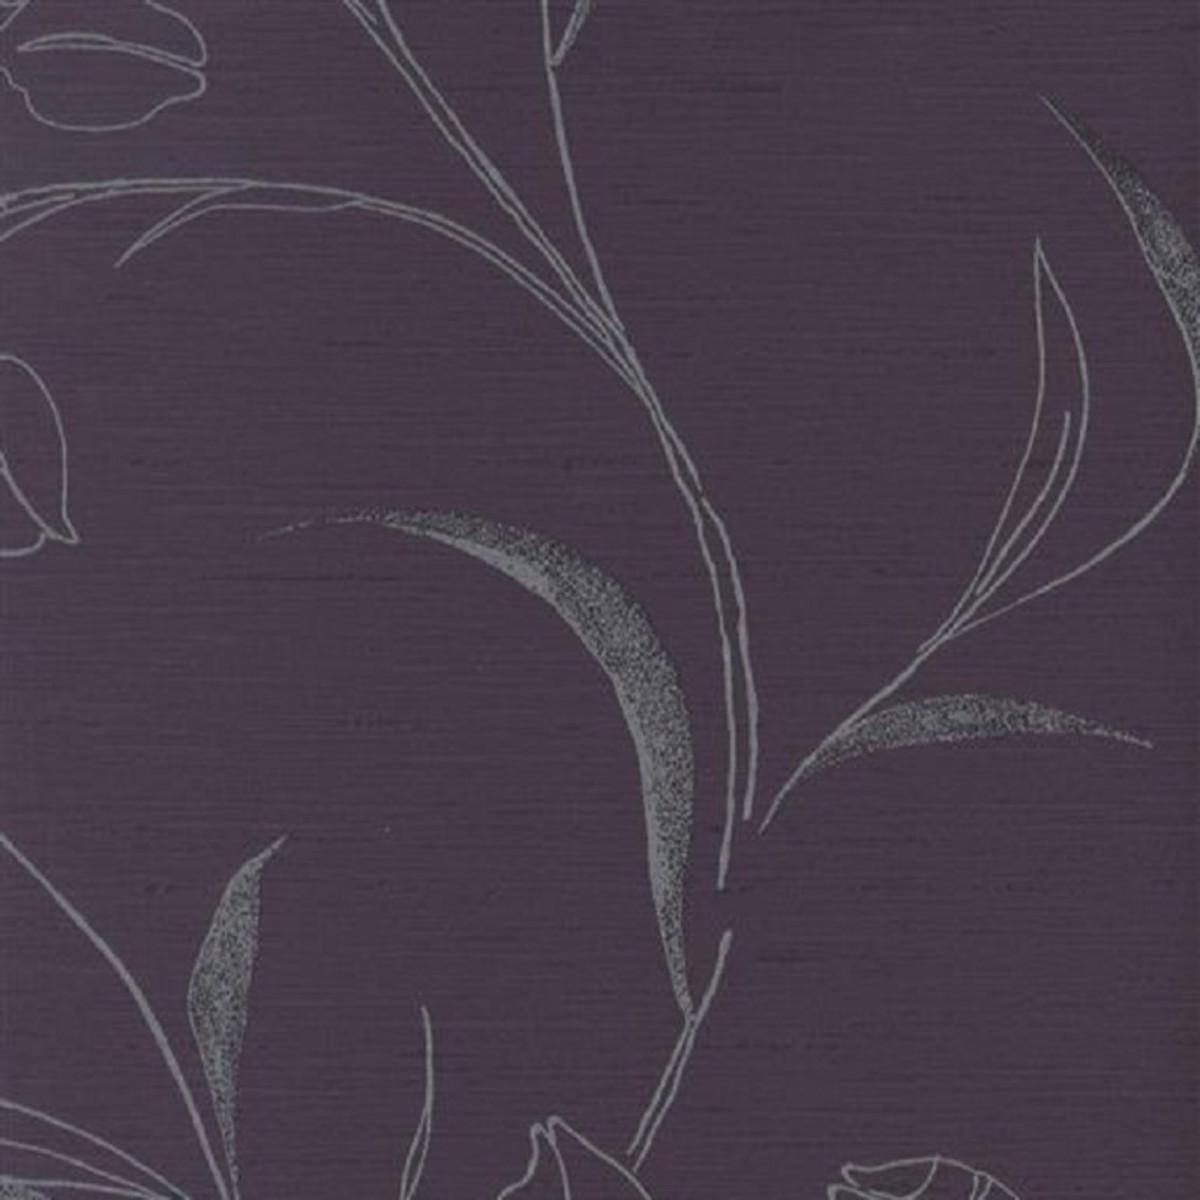 Виниловые обои York Wallcoverings фиолетовые AT4174 0.68 м